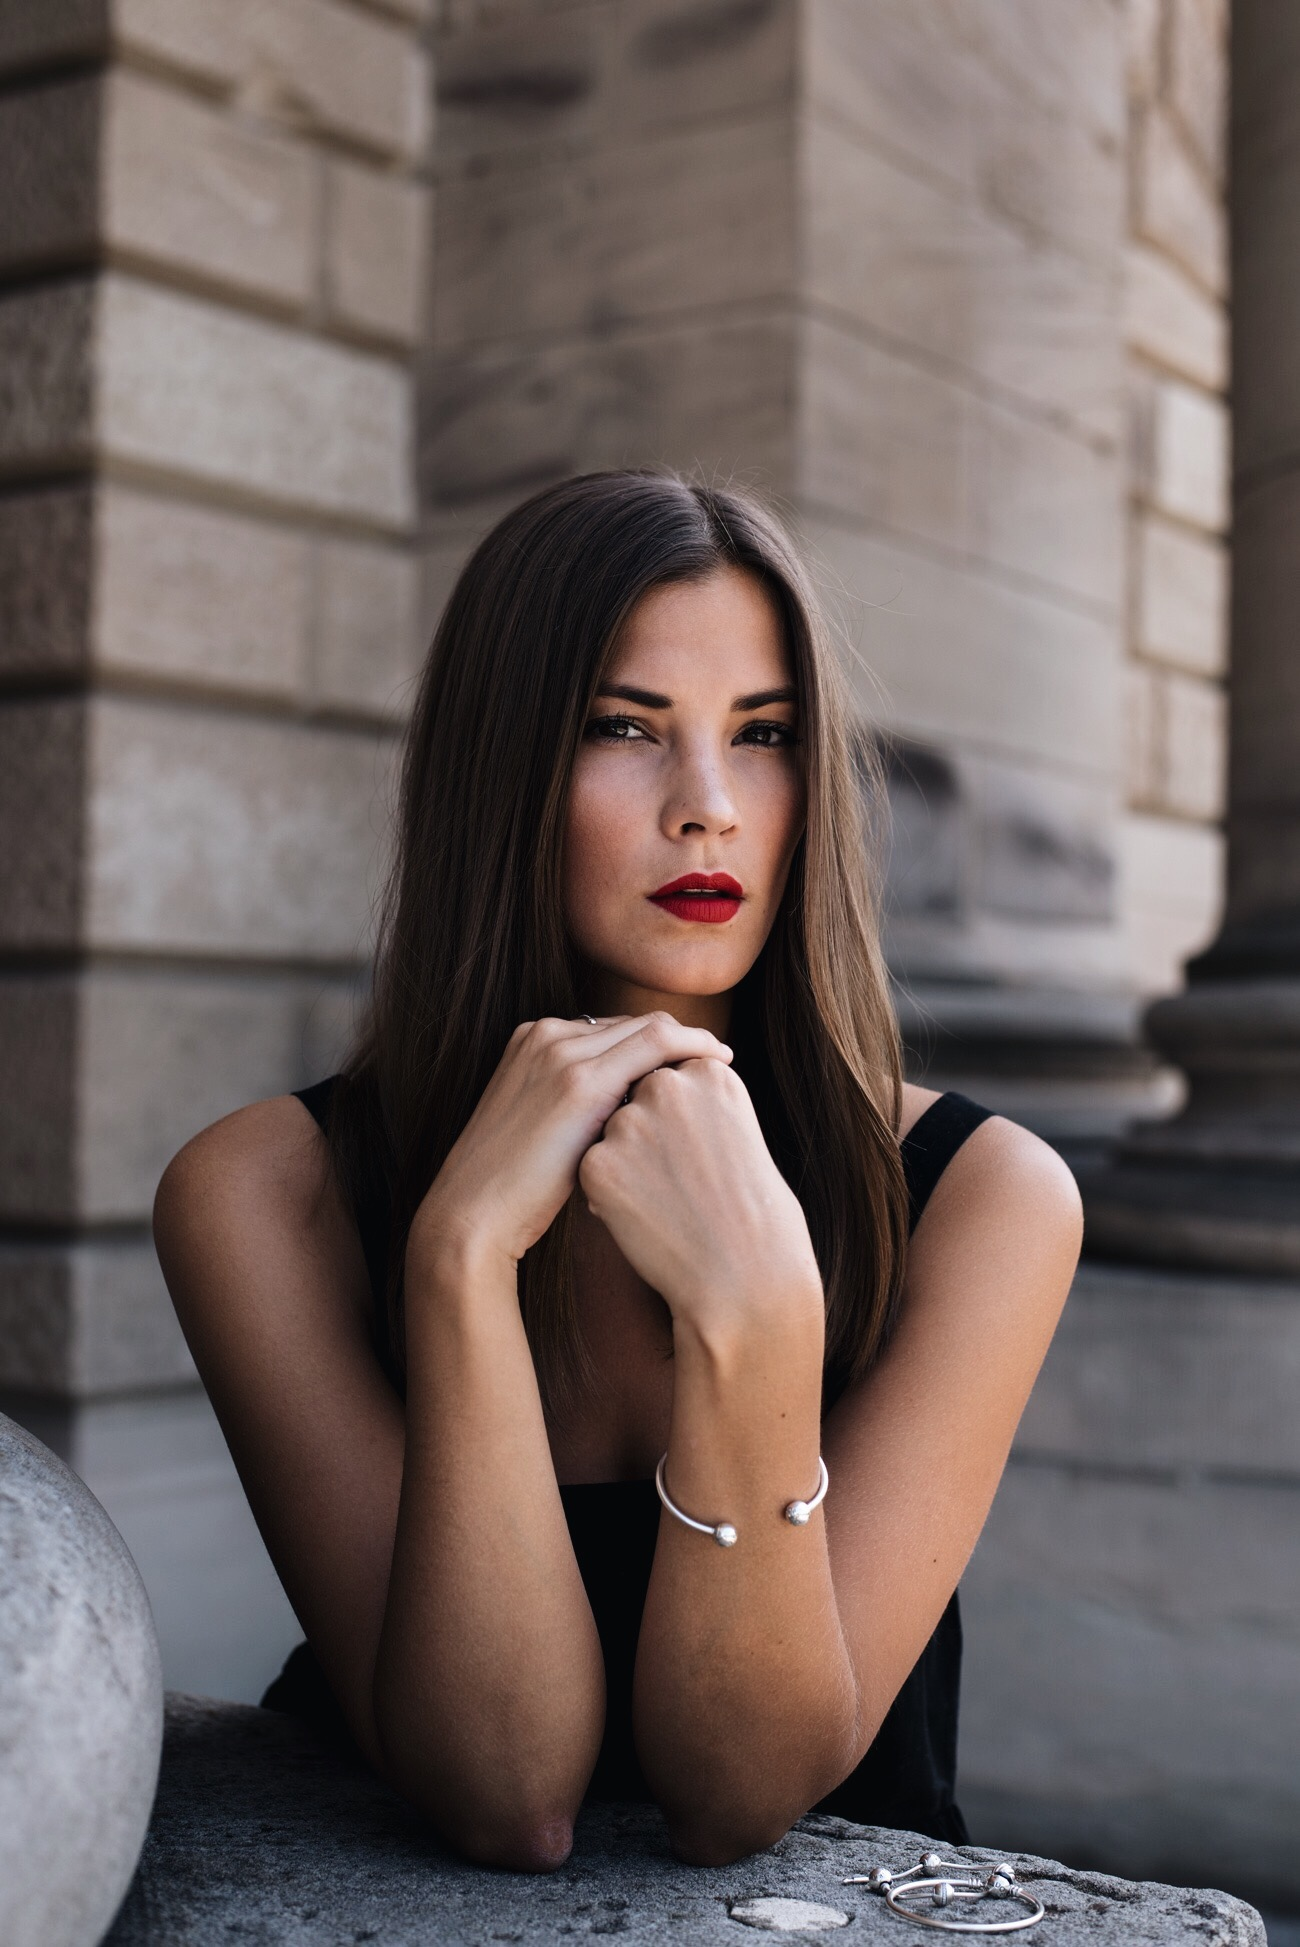 die-10-besten-fashion-blogs-deutschlands-mode-influencer-fashion-germany-fashiioncarpet-nina-schwichtenberg.jpg